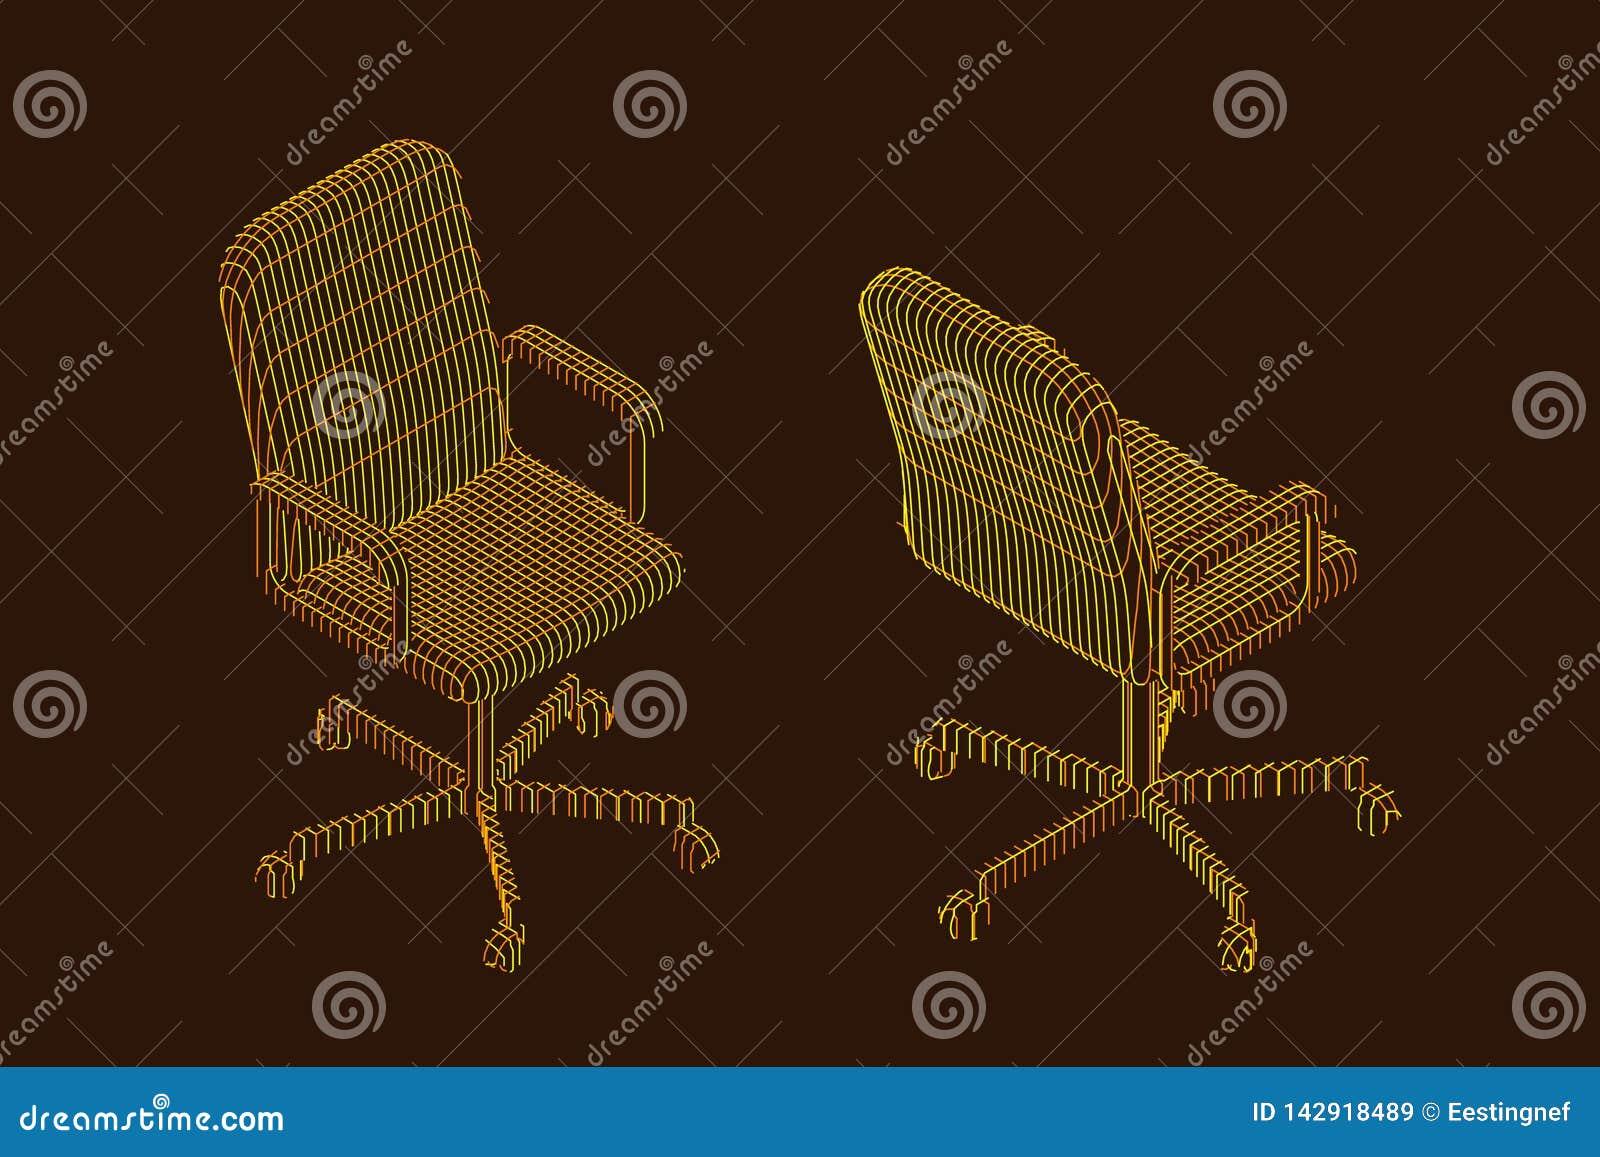 Randig kontorsstol vektorkonturillustration